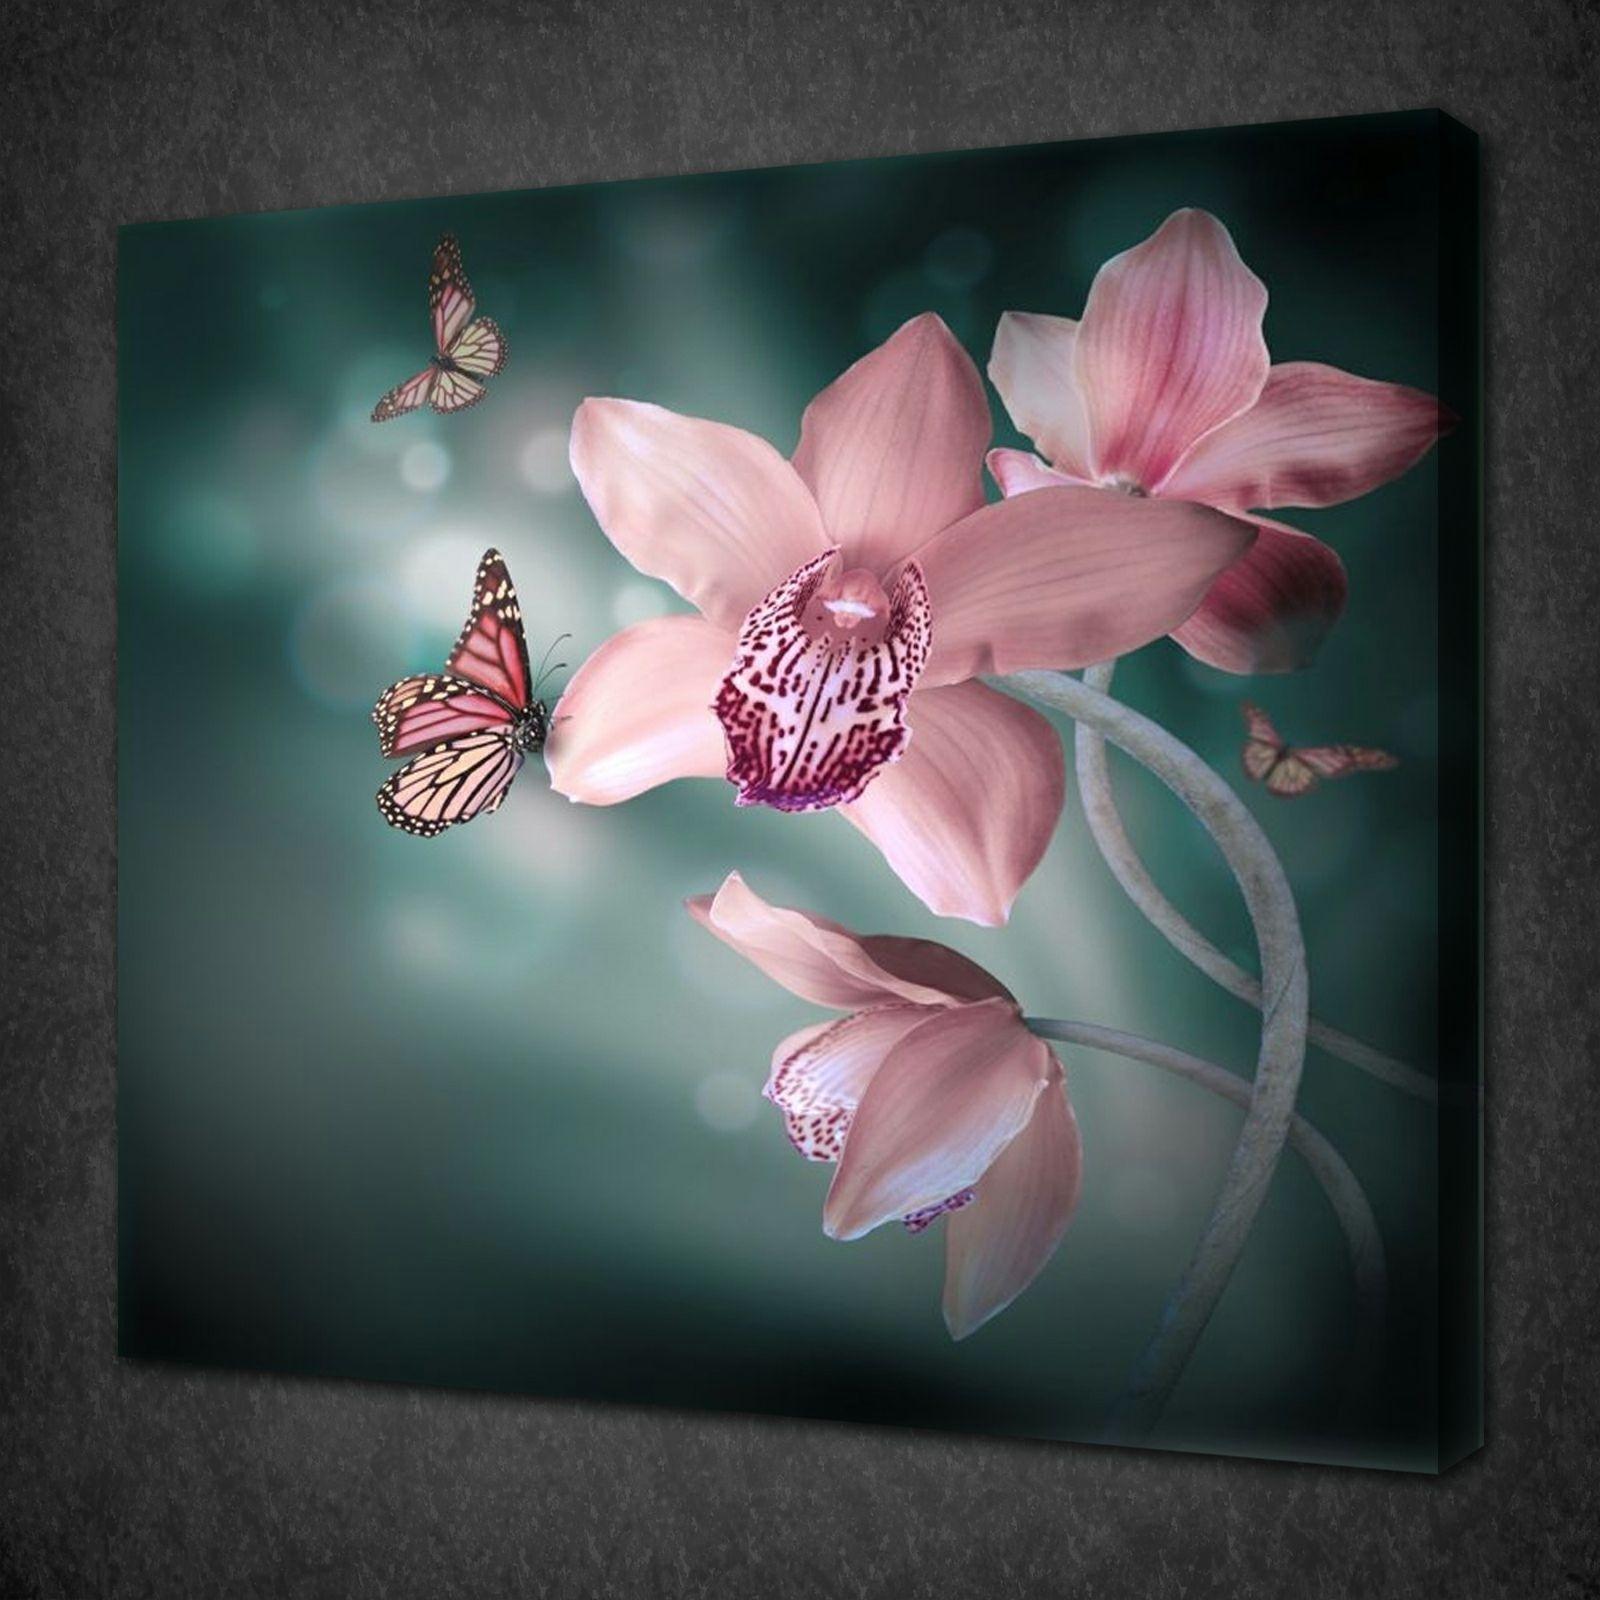 14 Best Of Butterfly Wall Art Regarding Recent Butterflies Canvas Wall Art (View 1 of 15)